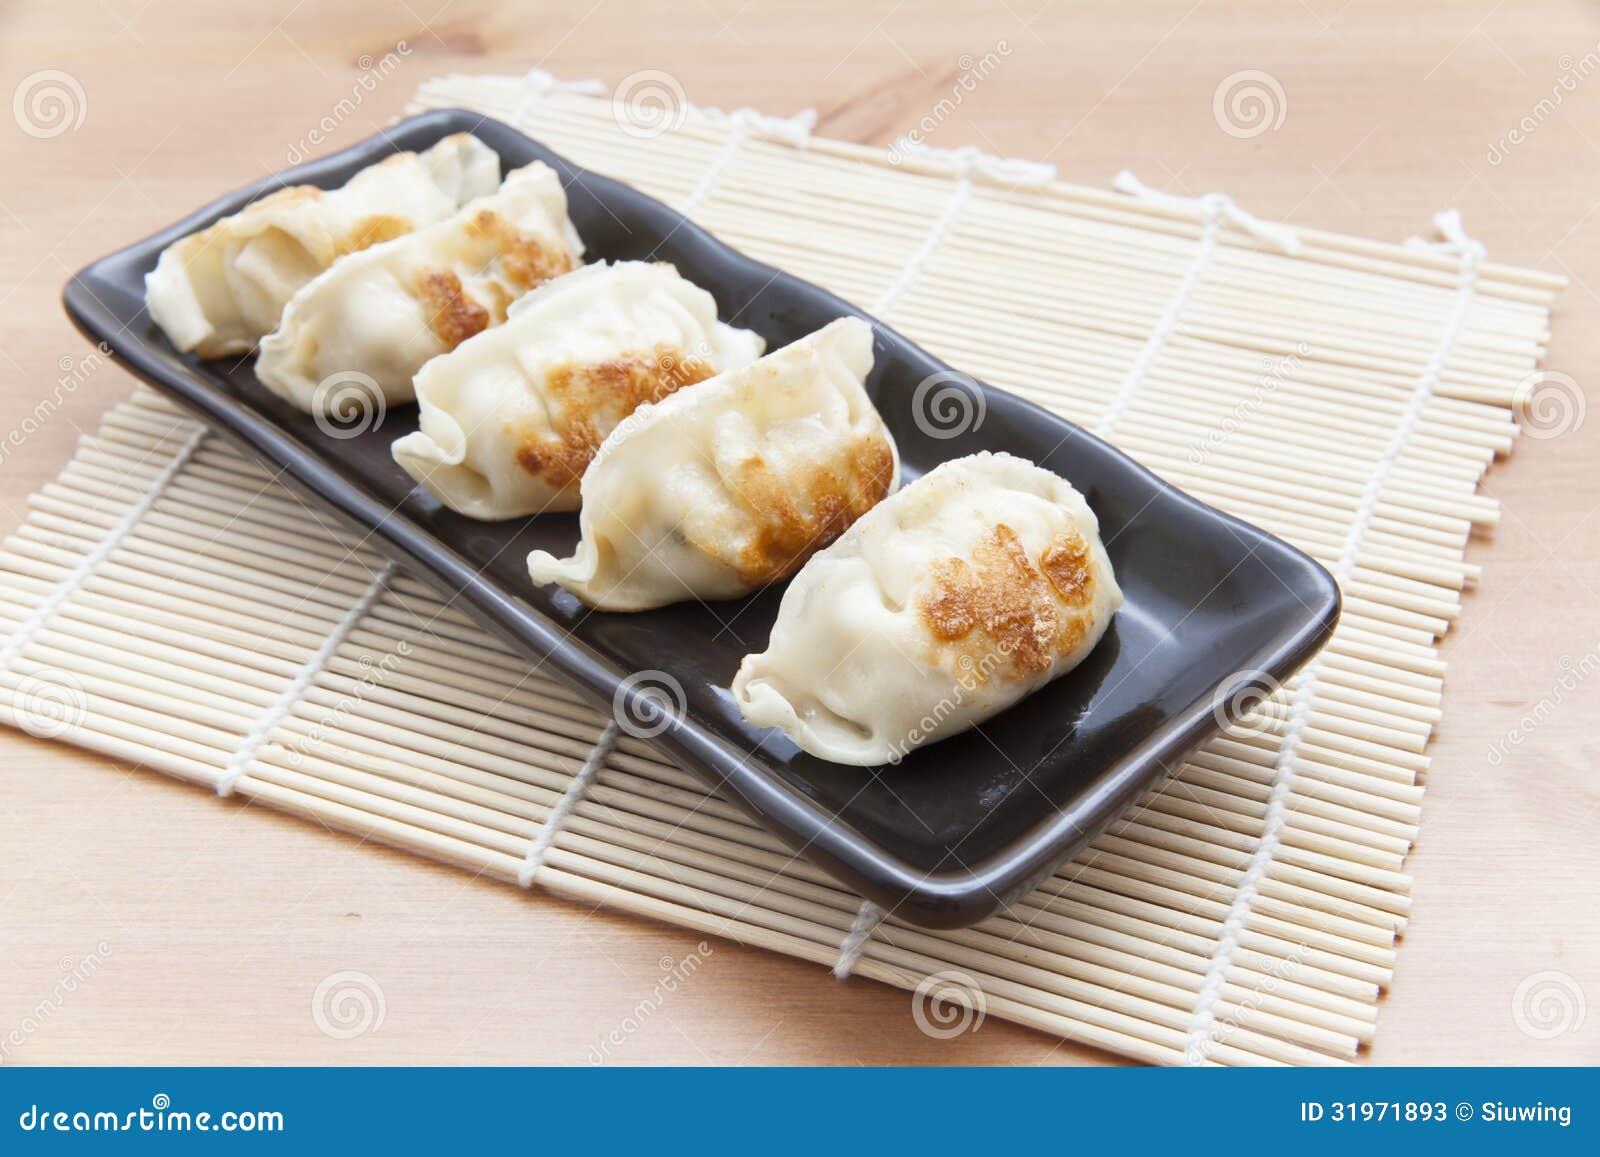 日本饺子-粤式点心-食物